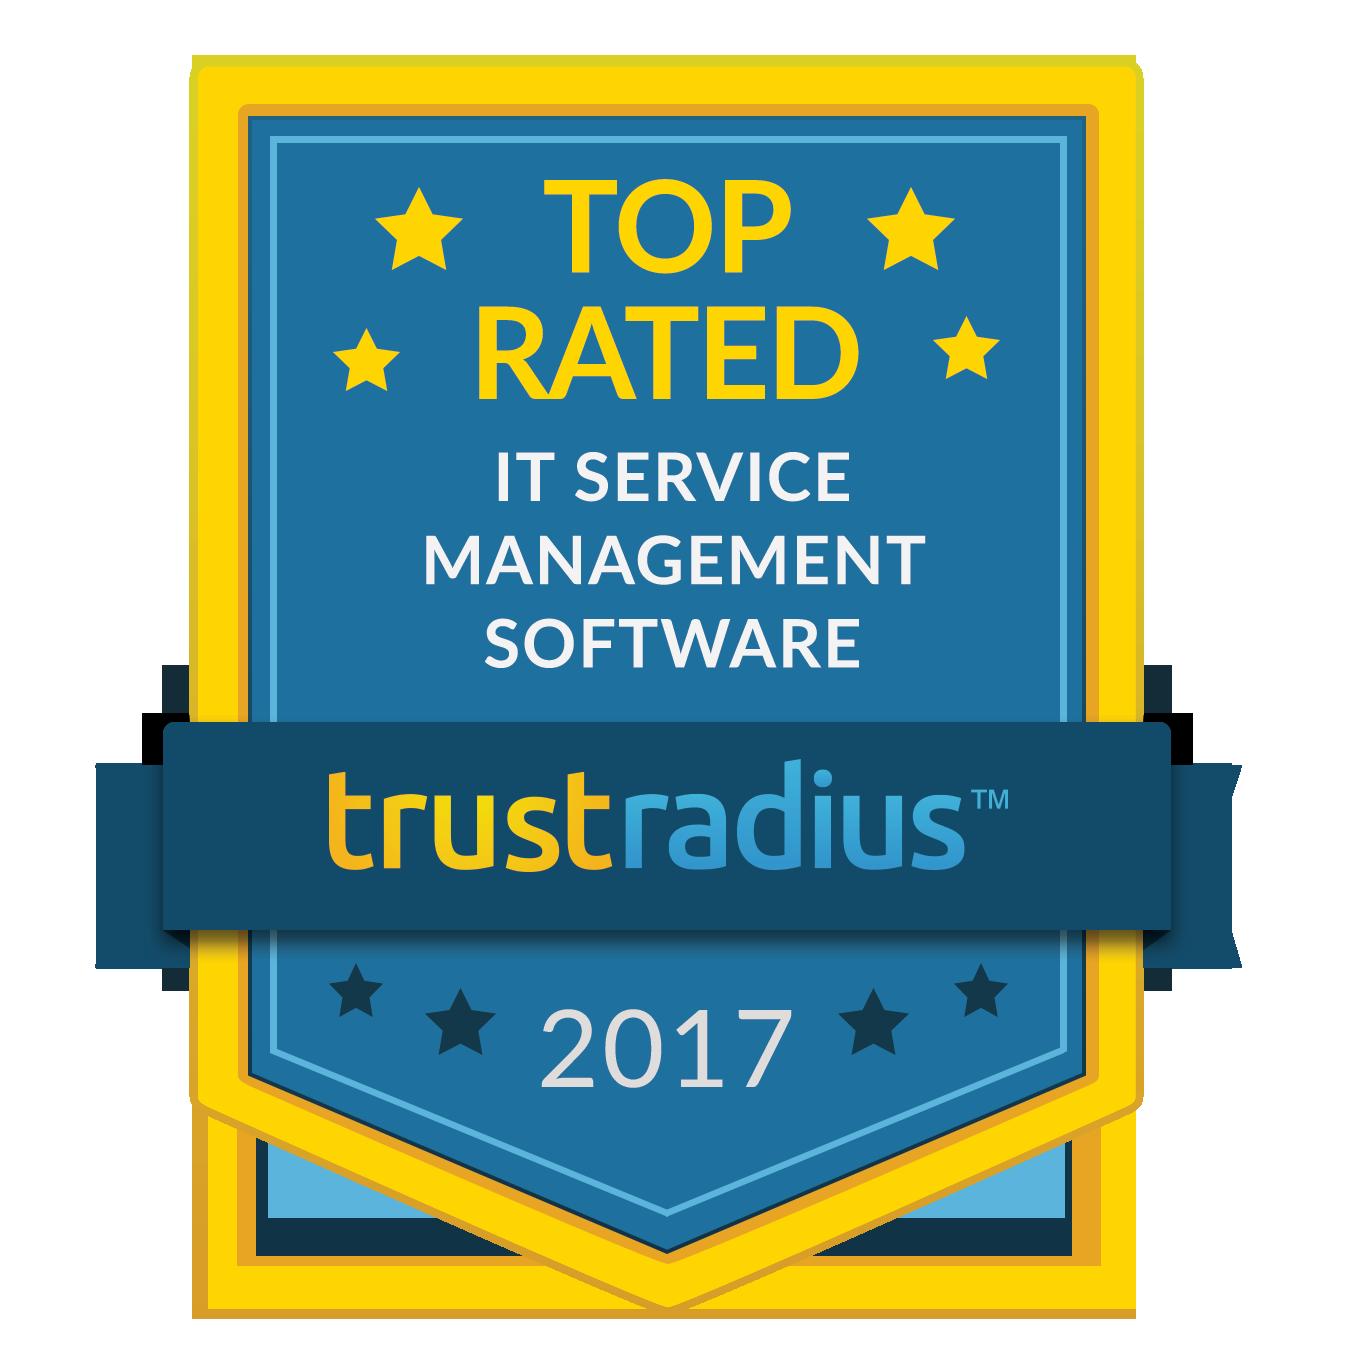 El mejor valorado según TrustRadius